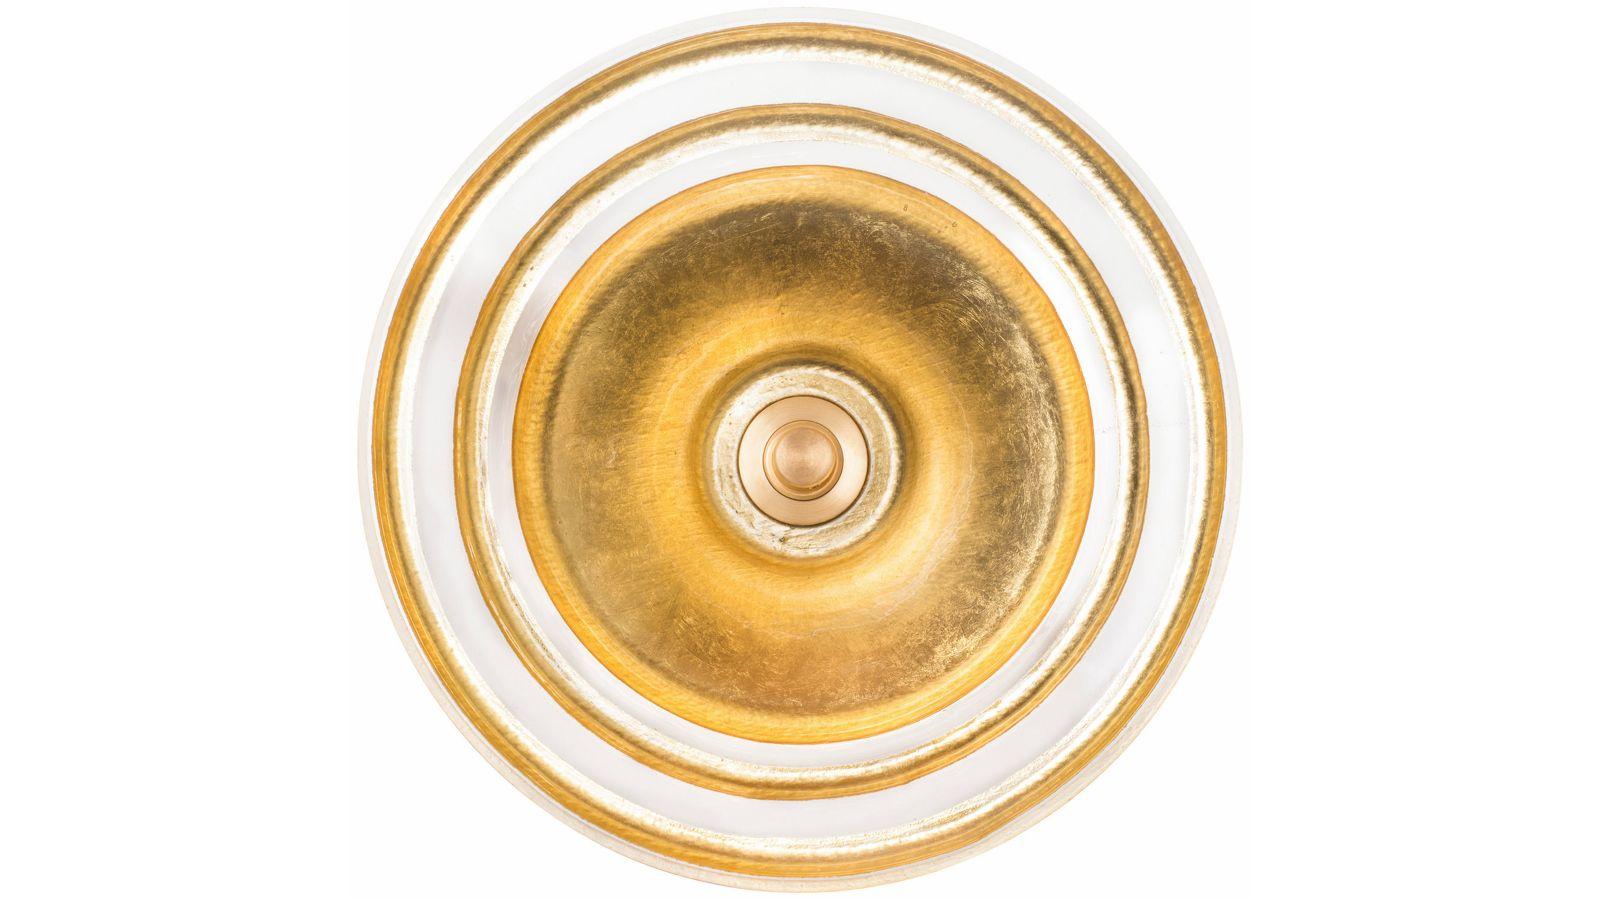 Glass Sink with Gold Leaf Églomisé Band